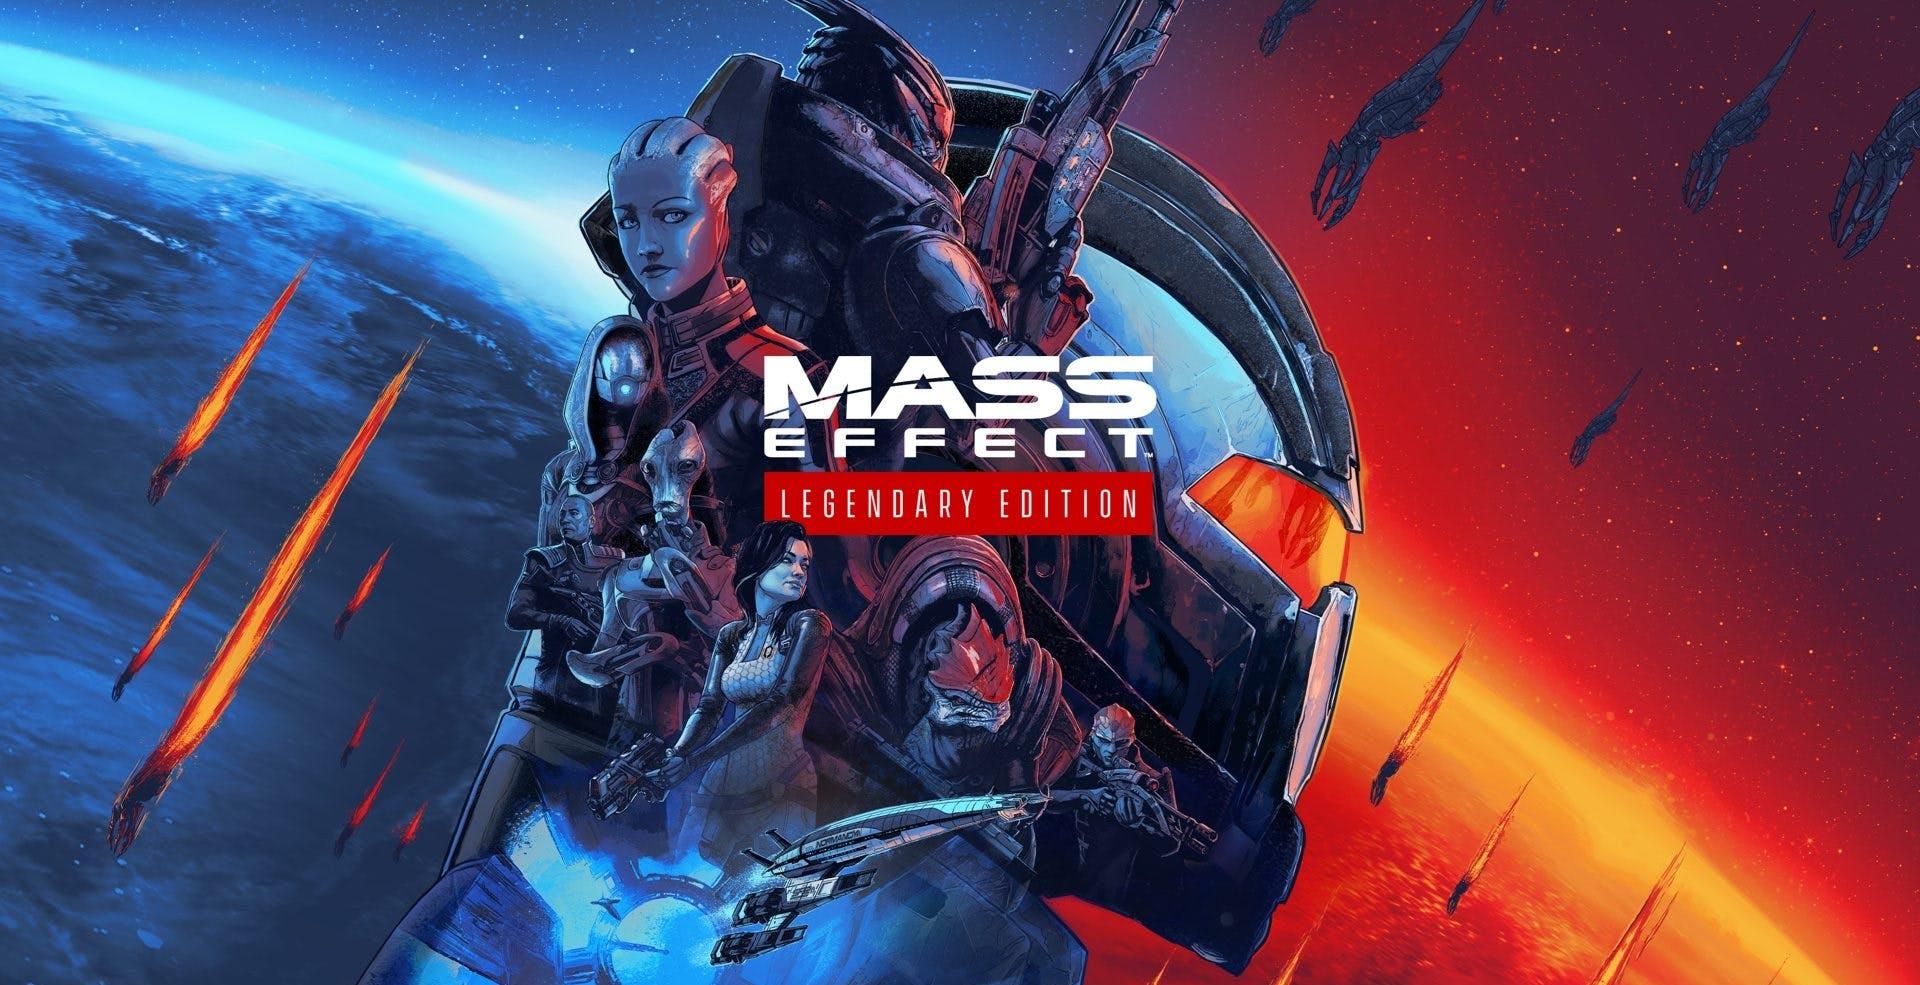 Il 14 maggio torna la trilogia di Mass Effect rimasterizzata in 4K e HDR